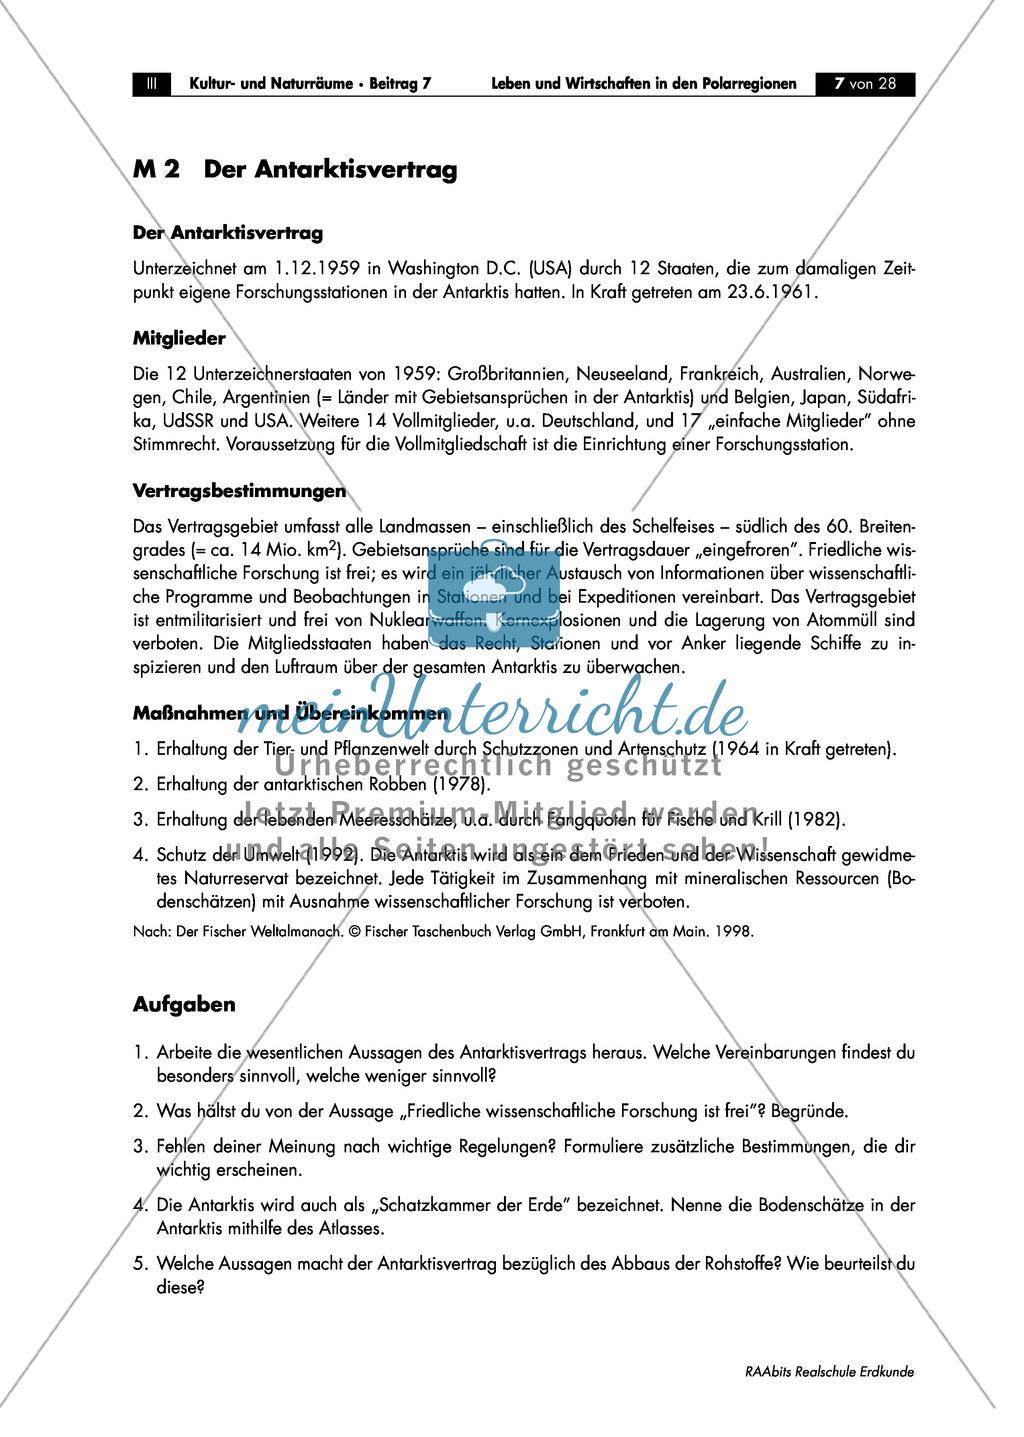 Famous Freie Wissenschaft Arbeitsblatt Für Die Klasse 4 Mold ...